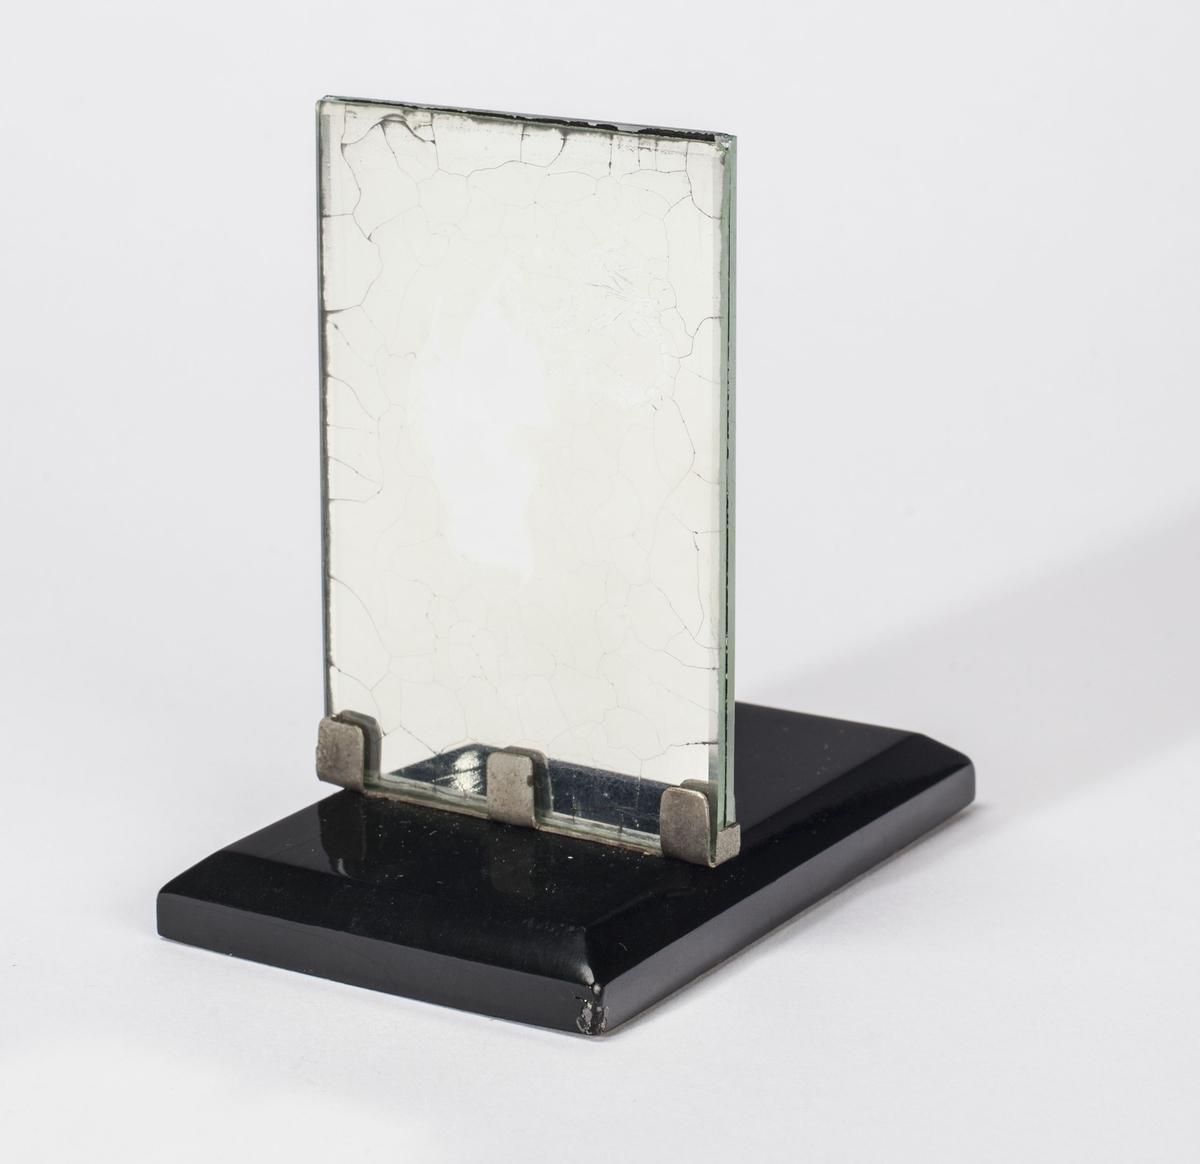 Nålehus i sølv fra slutten av 1700-tallet. Nålehuset forestiller en bergkandidat eller bergmann i bergmannsuniform. Montert på ei svartlakkert treplate med speil bak.